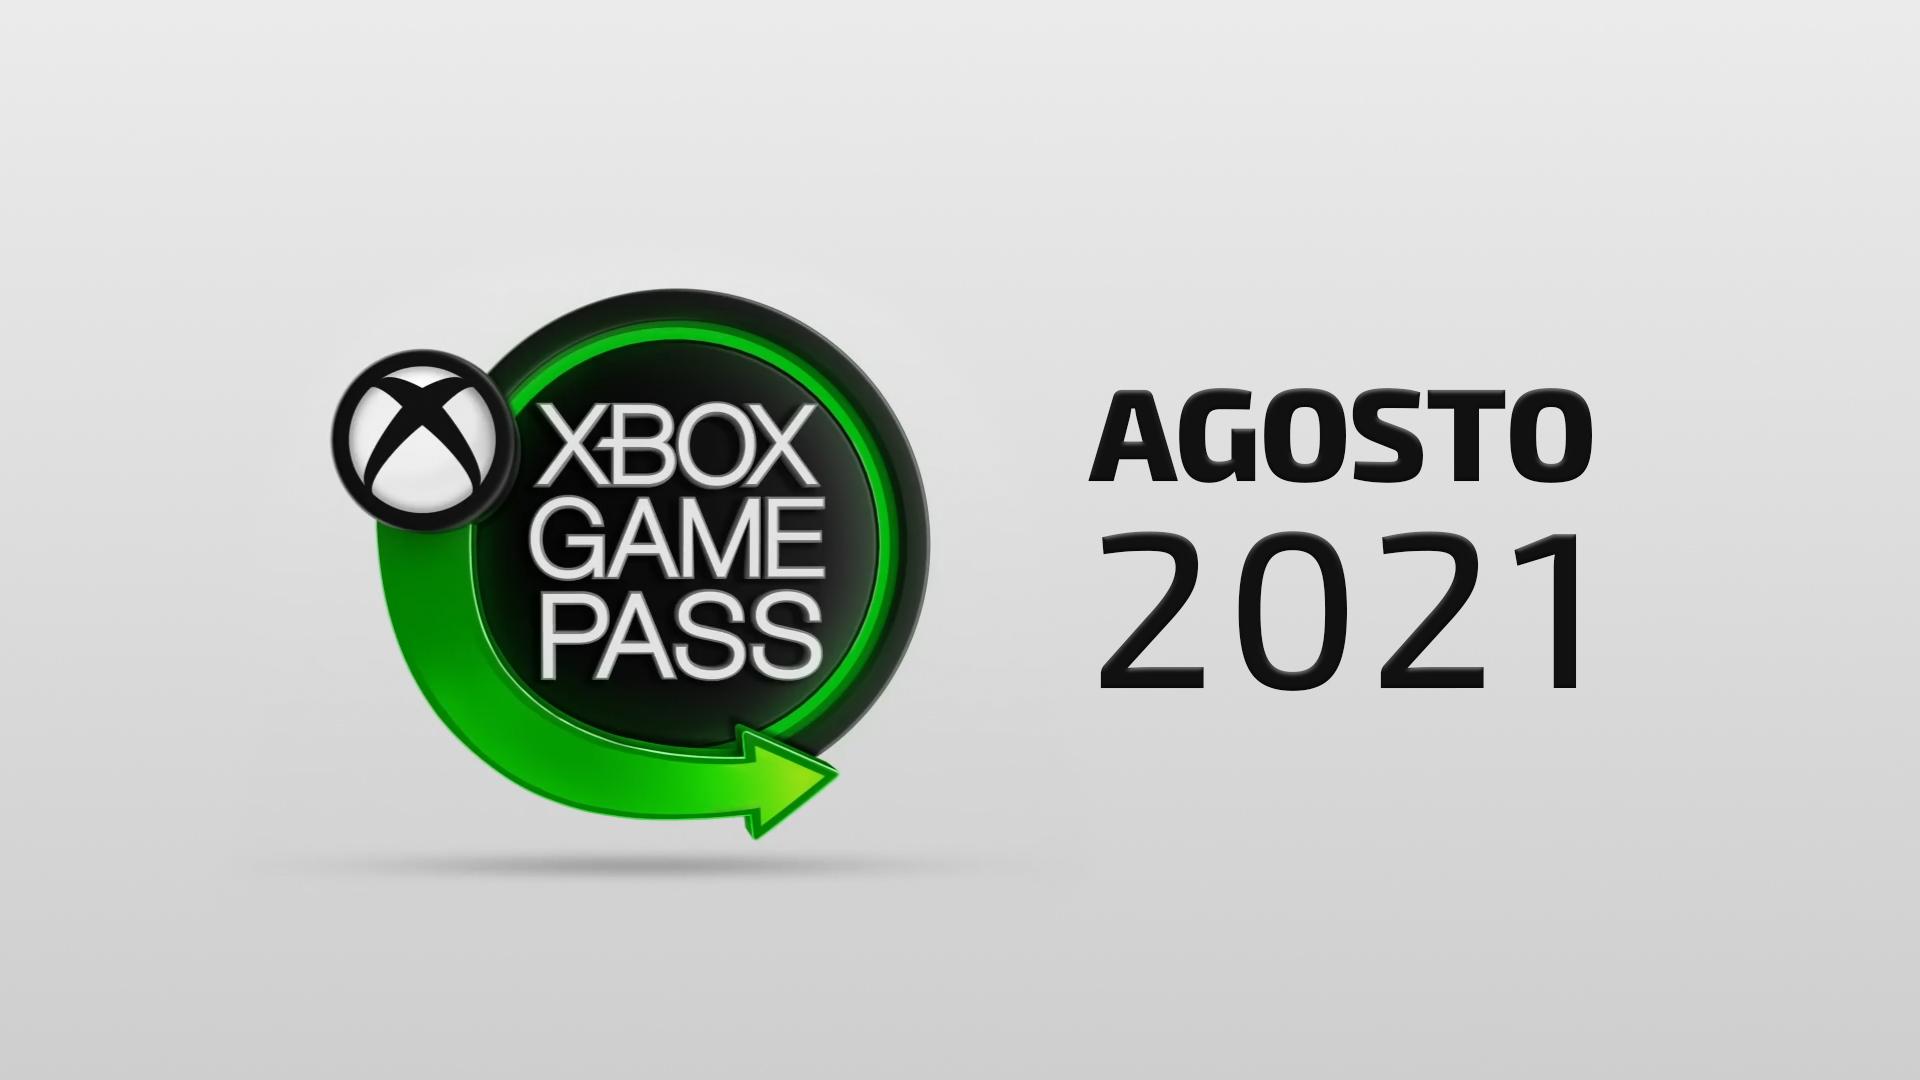 Jogos: Xbox Game Pass lança Psychonauts 2 e mais jogos neste mês